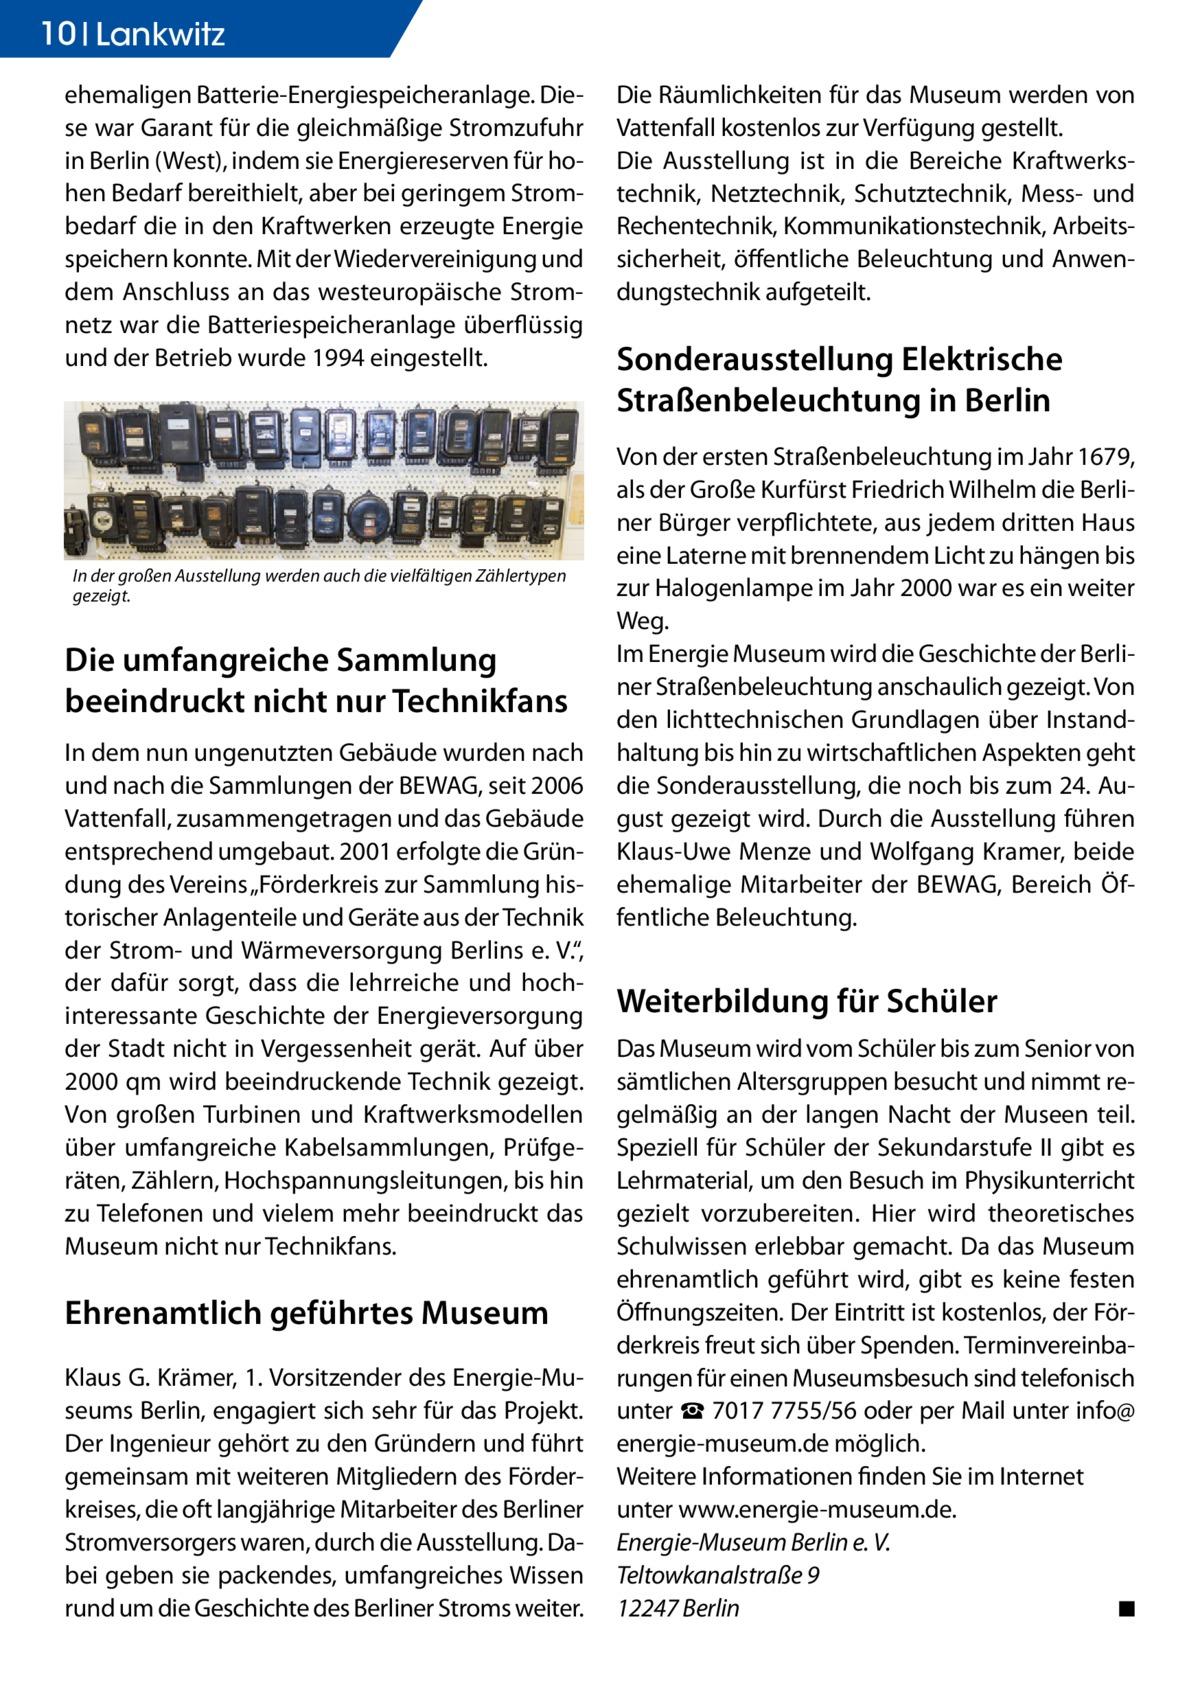 """10 Ratgeber Lankwitz ehemaligen Batterie-Energiespeicheranlage. Diese war Garant für die gleichmäßige Stromzufuhr in Berlin (West), indem sie Energiereserven für hohen Bedarf bereithielt, aber bei geringem Strombedarf die in den Kraftwerken erzeugte Energie speichern konnte. Mit der Wiedervereinigung und dem Anschluss an das westeuropäische Stromnetz war die Batteriespeicheranlage überflüssig und der Betrieb wurde 1994 eingestellt.  In der großen Ausstellung werden auch die vielfältigen Zählertypen gezeigt.  Die umfangreiche Sammlung beeindruckt nicht nur Technikfans In dem nun ungenutzten Gebäude wurden nach und nach die Sammlungen der BEWAG, seit 2006 Vattenfall, zusammengetragen und das Gebäude entsprechend umgebaut. 2001 erfolgte die Gründung des Vereins """"Förderkreis zur Sammlung historischer Anlagenteile und Geräte aus der Technik der Strom- und Wärmeversorgung Berlins e. V."""", der dafür sorgt, dass die lehrreiche und hochinteressante Geschichte der Energieversorgung der Stadt nicht in Vergessenheit gerät. Auf über 2000 qm wird beeindruckende Technik gezeigt. Von großen Turbinen und Kraftwerksmodellen über umfangreiche Kabelsammlungen, Prüfgeräten, Zählern, Hochspannungsleitungen, bis hin zu Telefonen und vielem mehr beeindruckt das Museum nicht nur Technikfans.  Ehrenamtlich geführtes Museum Klaus G. Krämer, 1. Vorsitzender des Energie-Museums Berlin, engagiert sich sehr für das Projekt. Der Ingenieur gehört zu den Gründern und führt gemeinsam mit weiteren Mitgliedern des Förderkreises, die oft langjährige Mitarbeiter des Berliner Stromversorgers waren, durch die Ausstellung. Dabei geben sie packendes, umfangreiches Wissen rund um die Geschichte des Berliner Stroms weiter.  Die Räumlichkeiten für das Museum werden von Vattenfall kostenlos zur Verfügung gestellt. Die Ausstellung ist in die Bereiche Kraftwerkstechnik, Netztechnik, Schutztechnik, Mess- und Rechentechnik, Kommunikationstechnik, Arbeitssicherheit, öffentliche Beleuchtung und Anwendungstechnik aufget"""